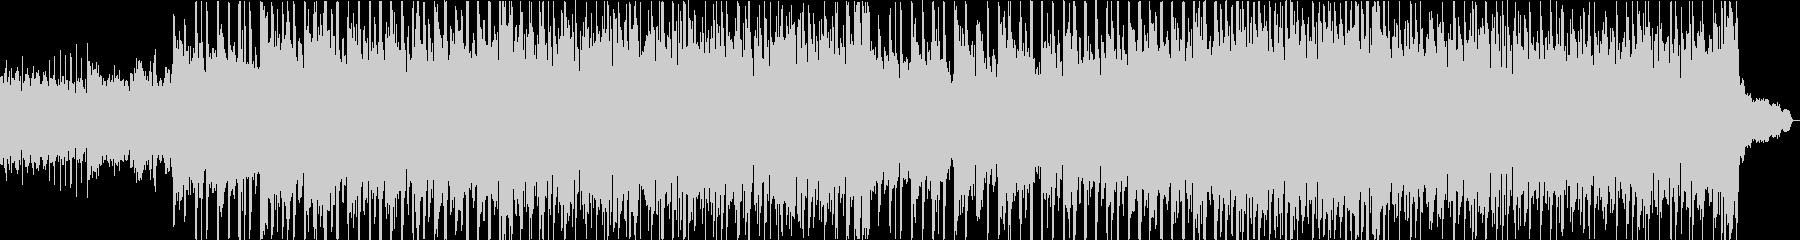 代替案 ポップ 現代的 交響曲 感...の未再生の波形